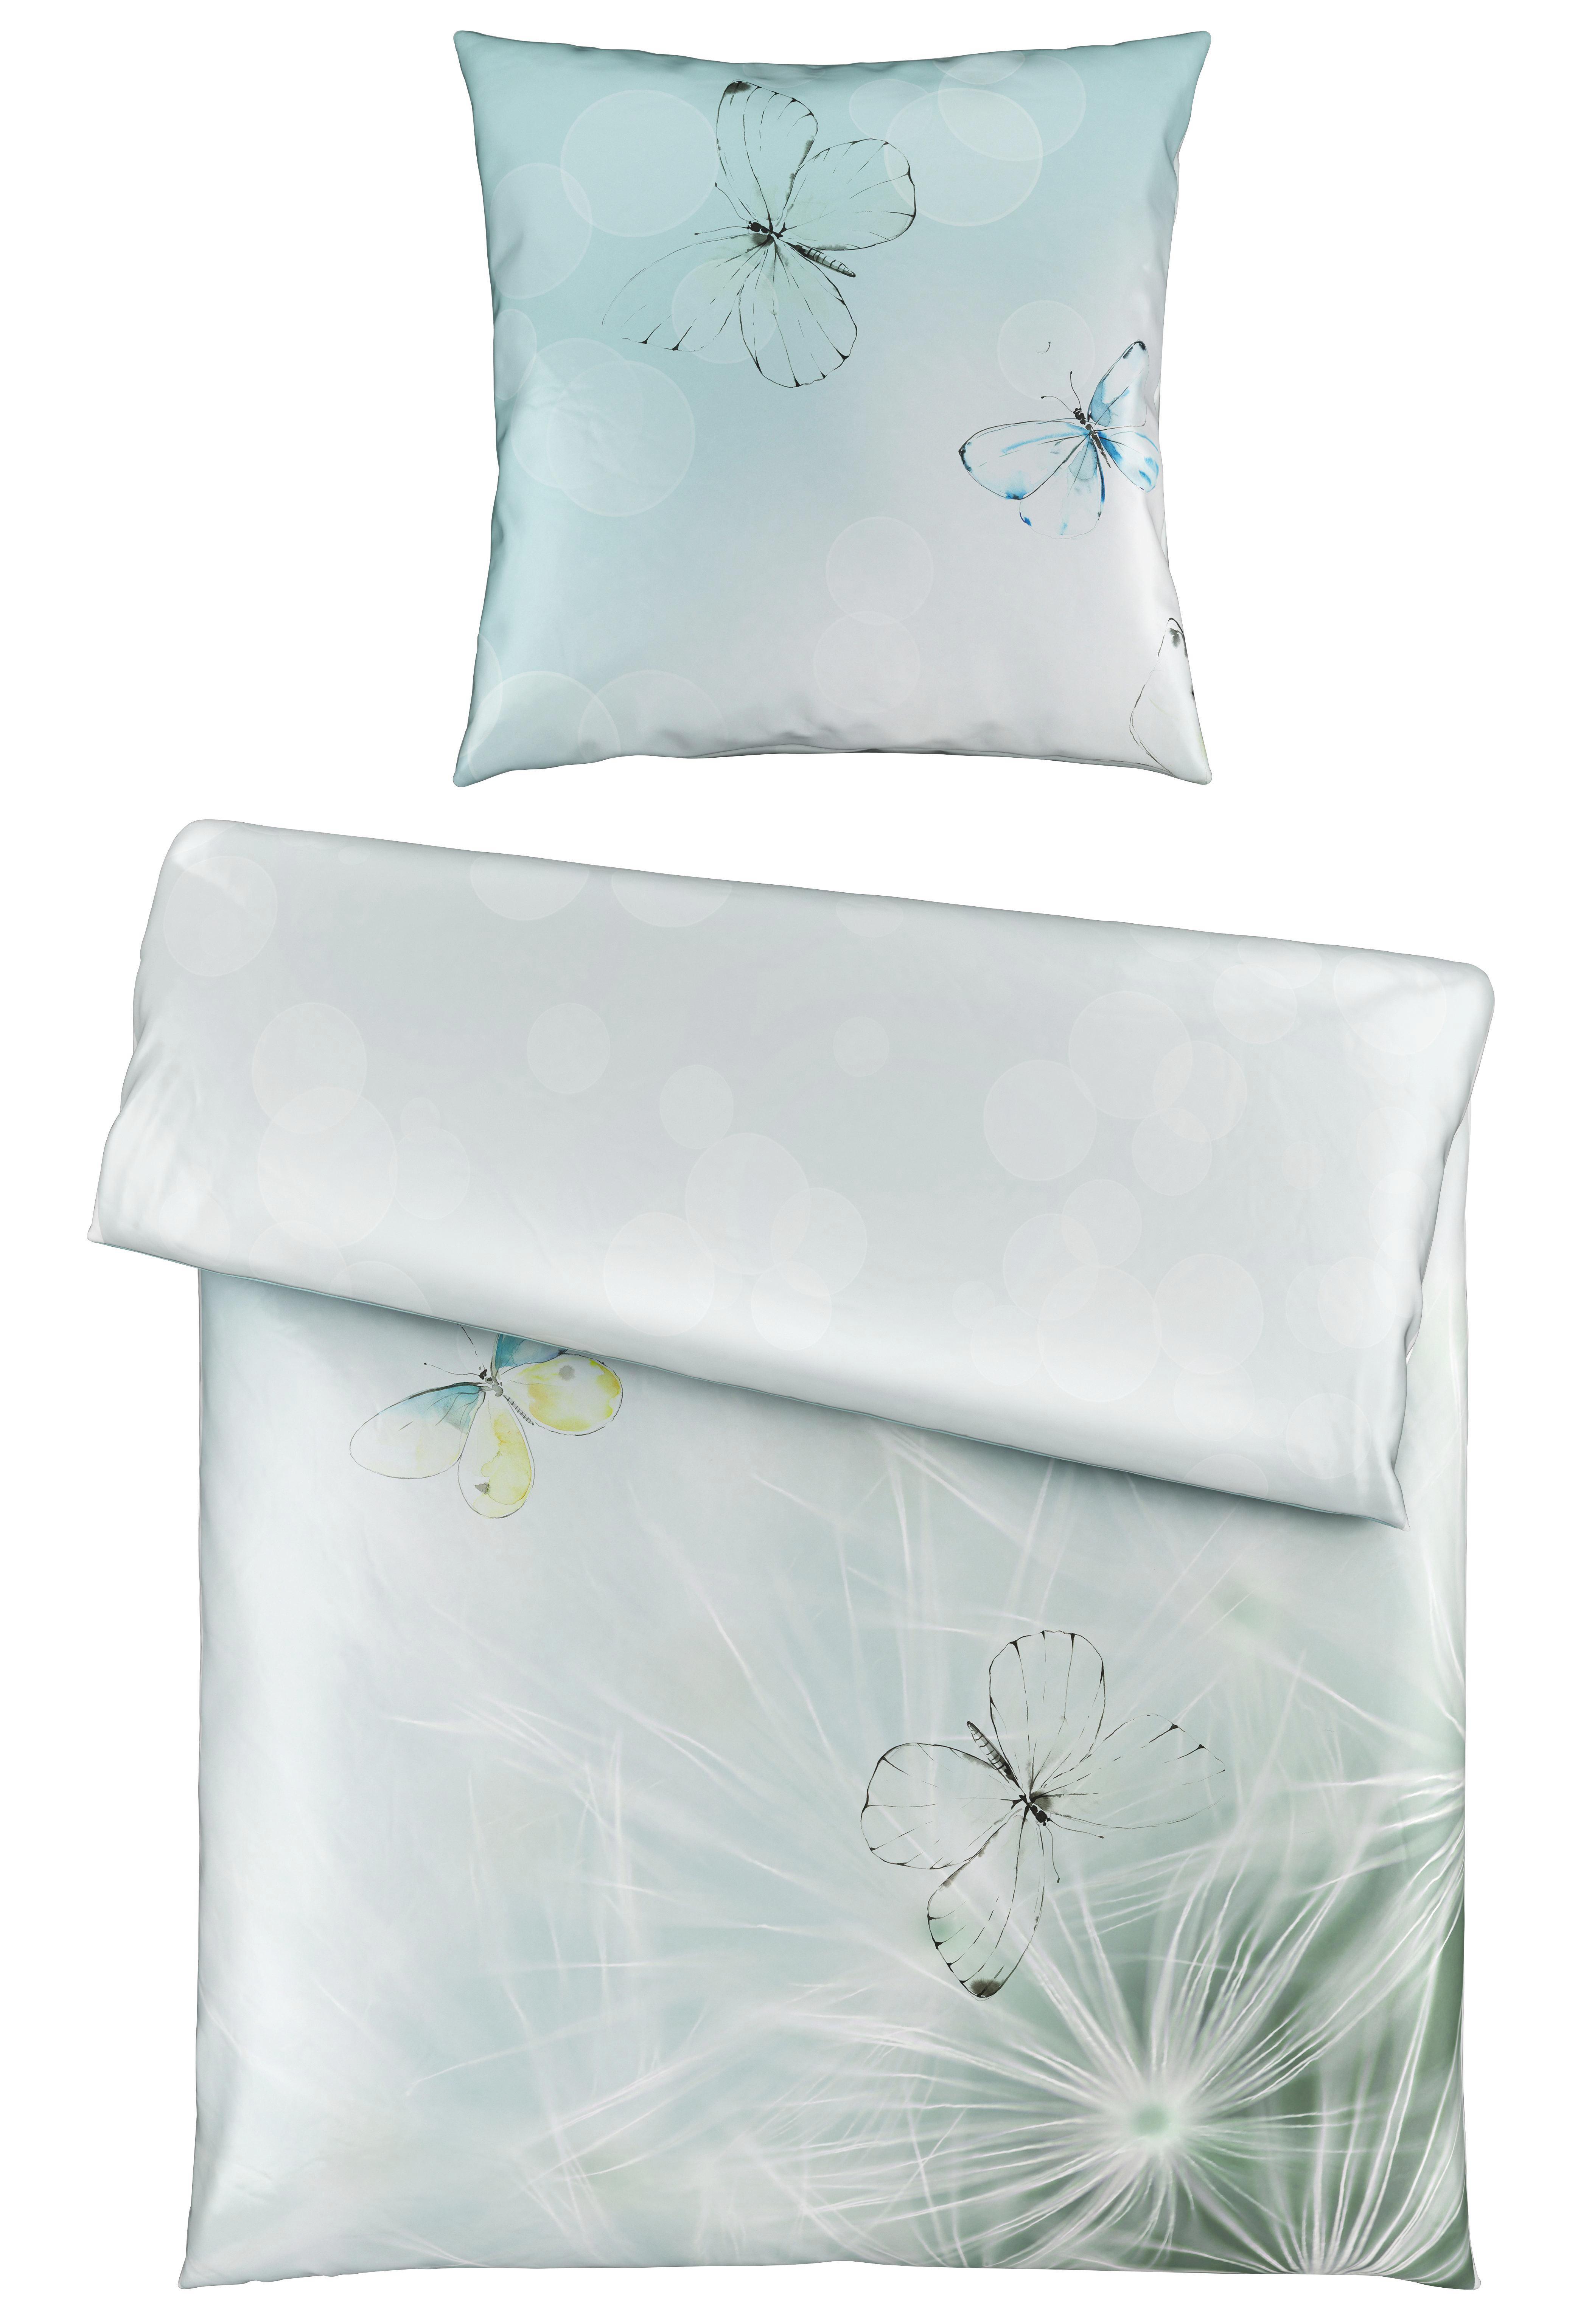 BETTWÄSCHE Satin Blau 135/200 cm - Blau, Basics, Textil (135/200cm) - NOVEL